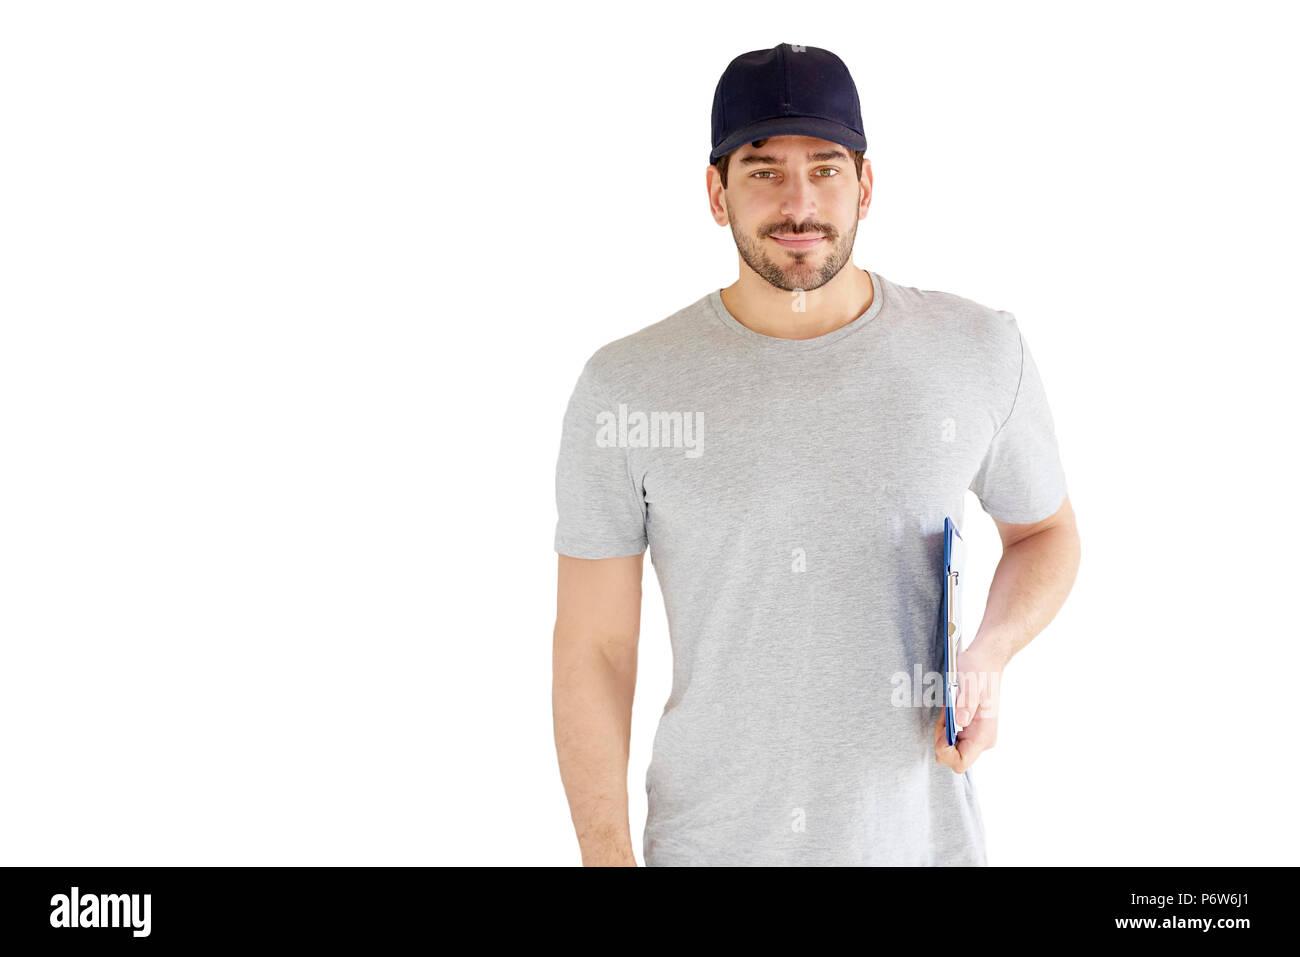 Sorridente portando l Ritratto di bel giovane uomo in piedi alla isolato  sullo sfondo bianco. Sorridente portando l uomo indossa cappello da  baseball e ... dbd183082bb8